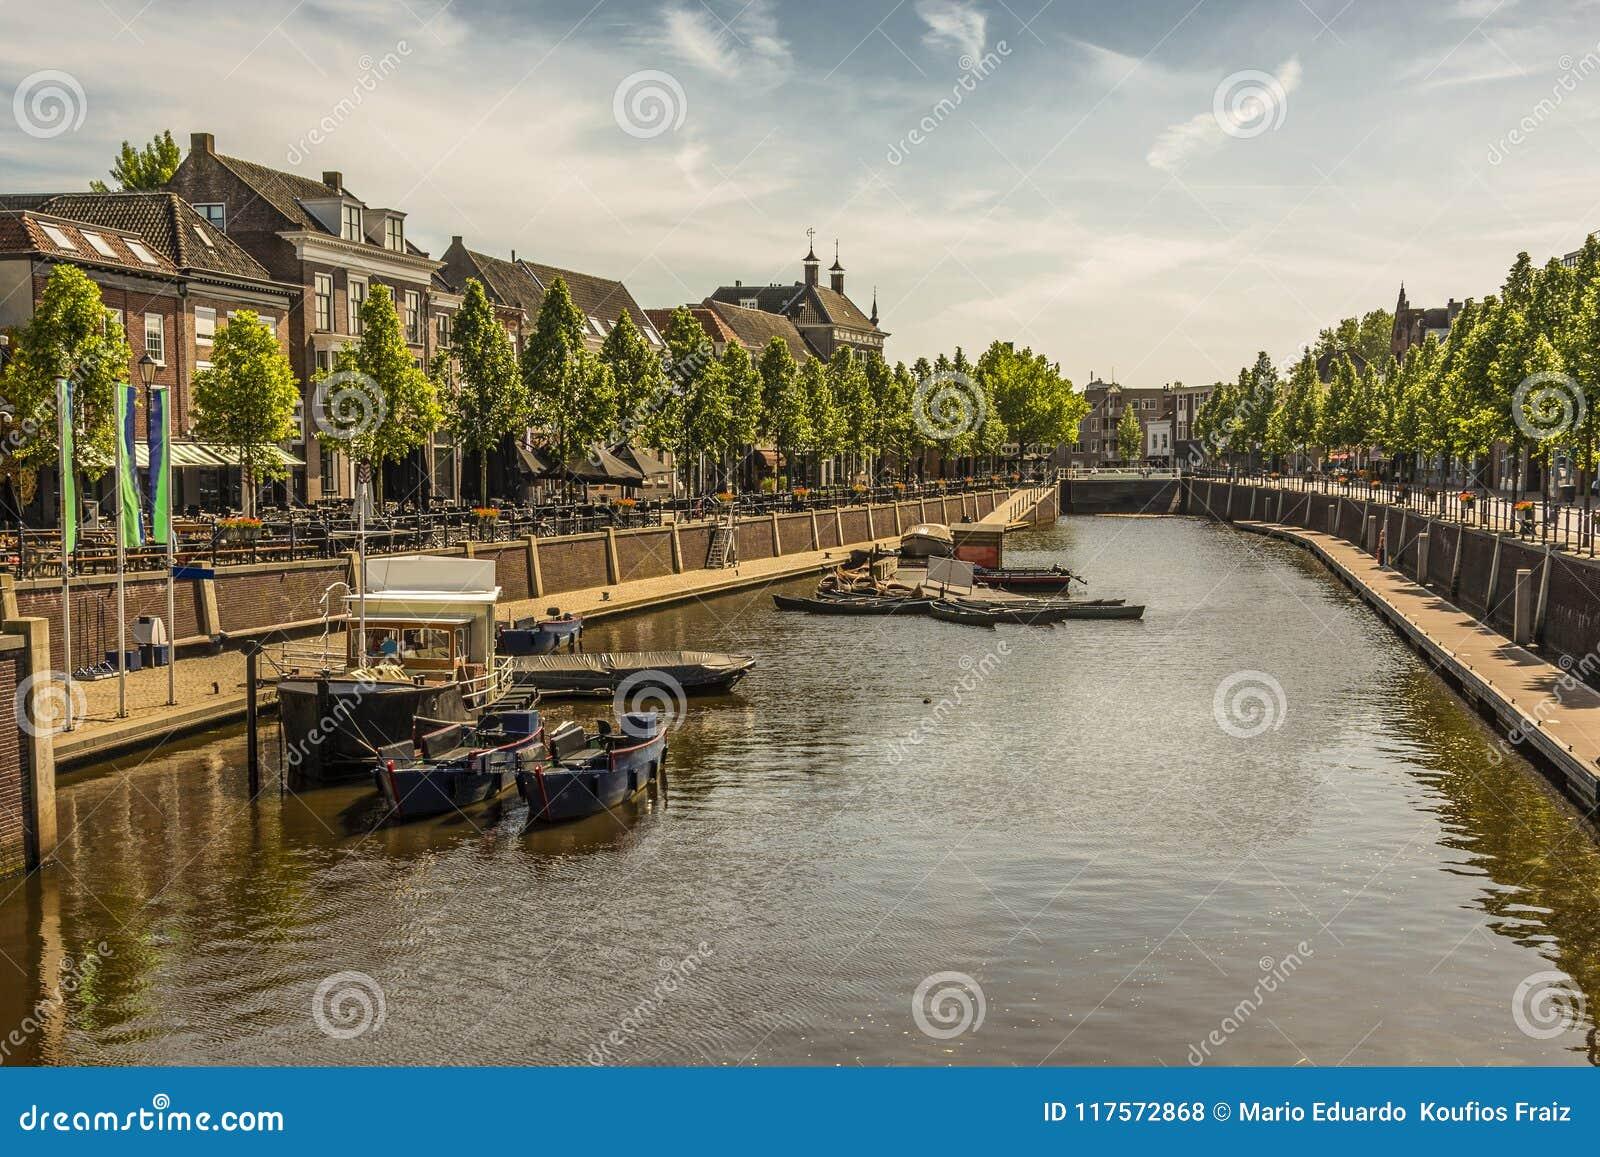 Canal et bateaux au centre de la ville de Breda netherlands